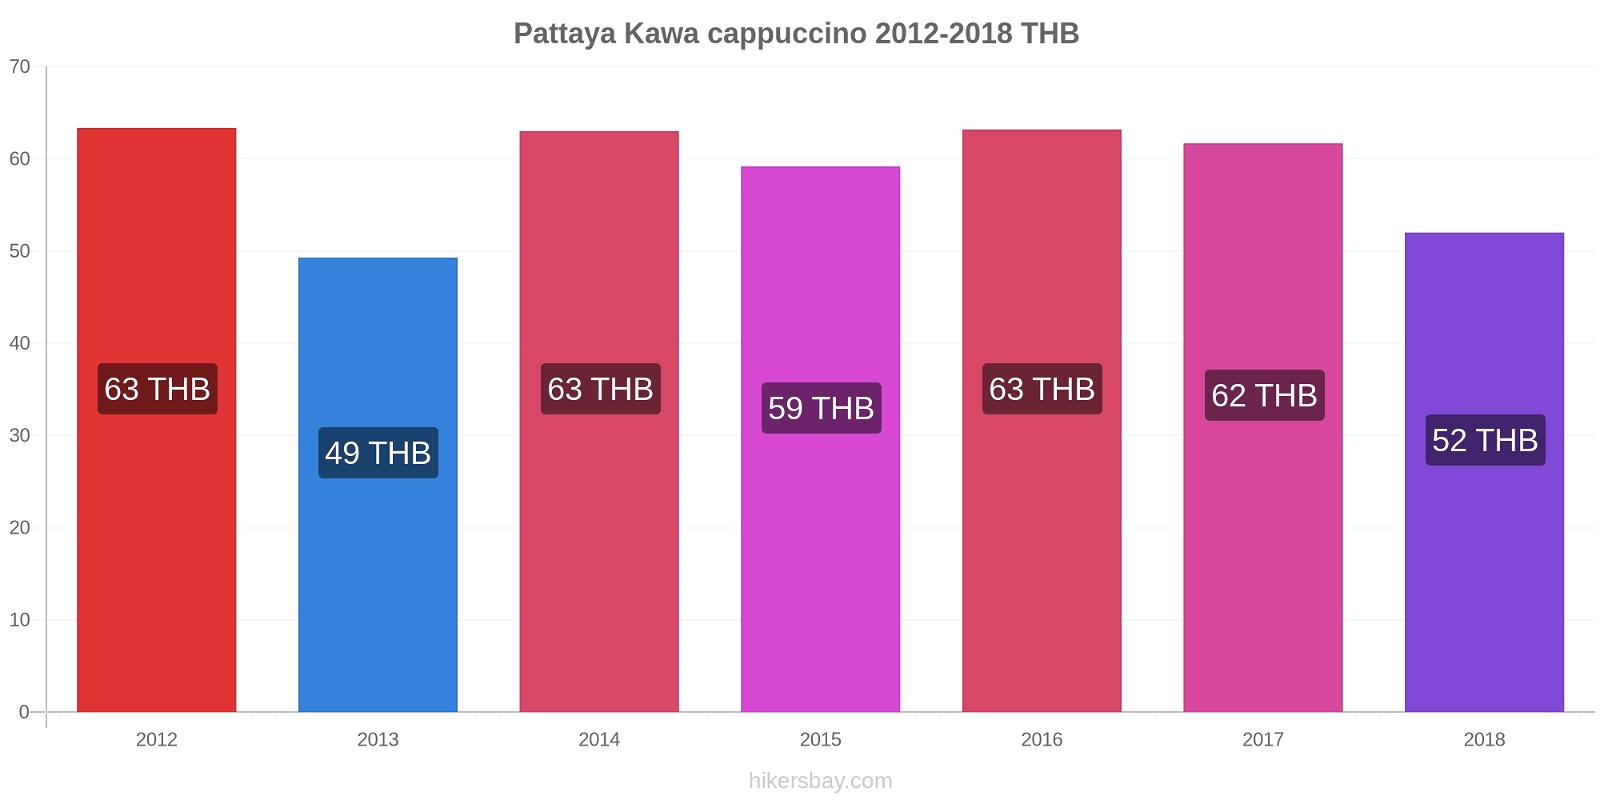 Pattaya zmiany cen Kawa cappuccino hikersbay.com